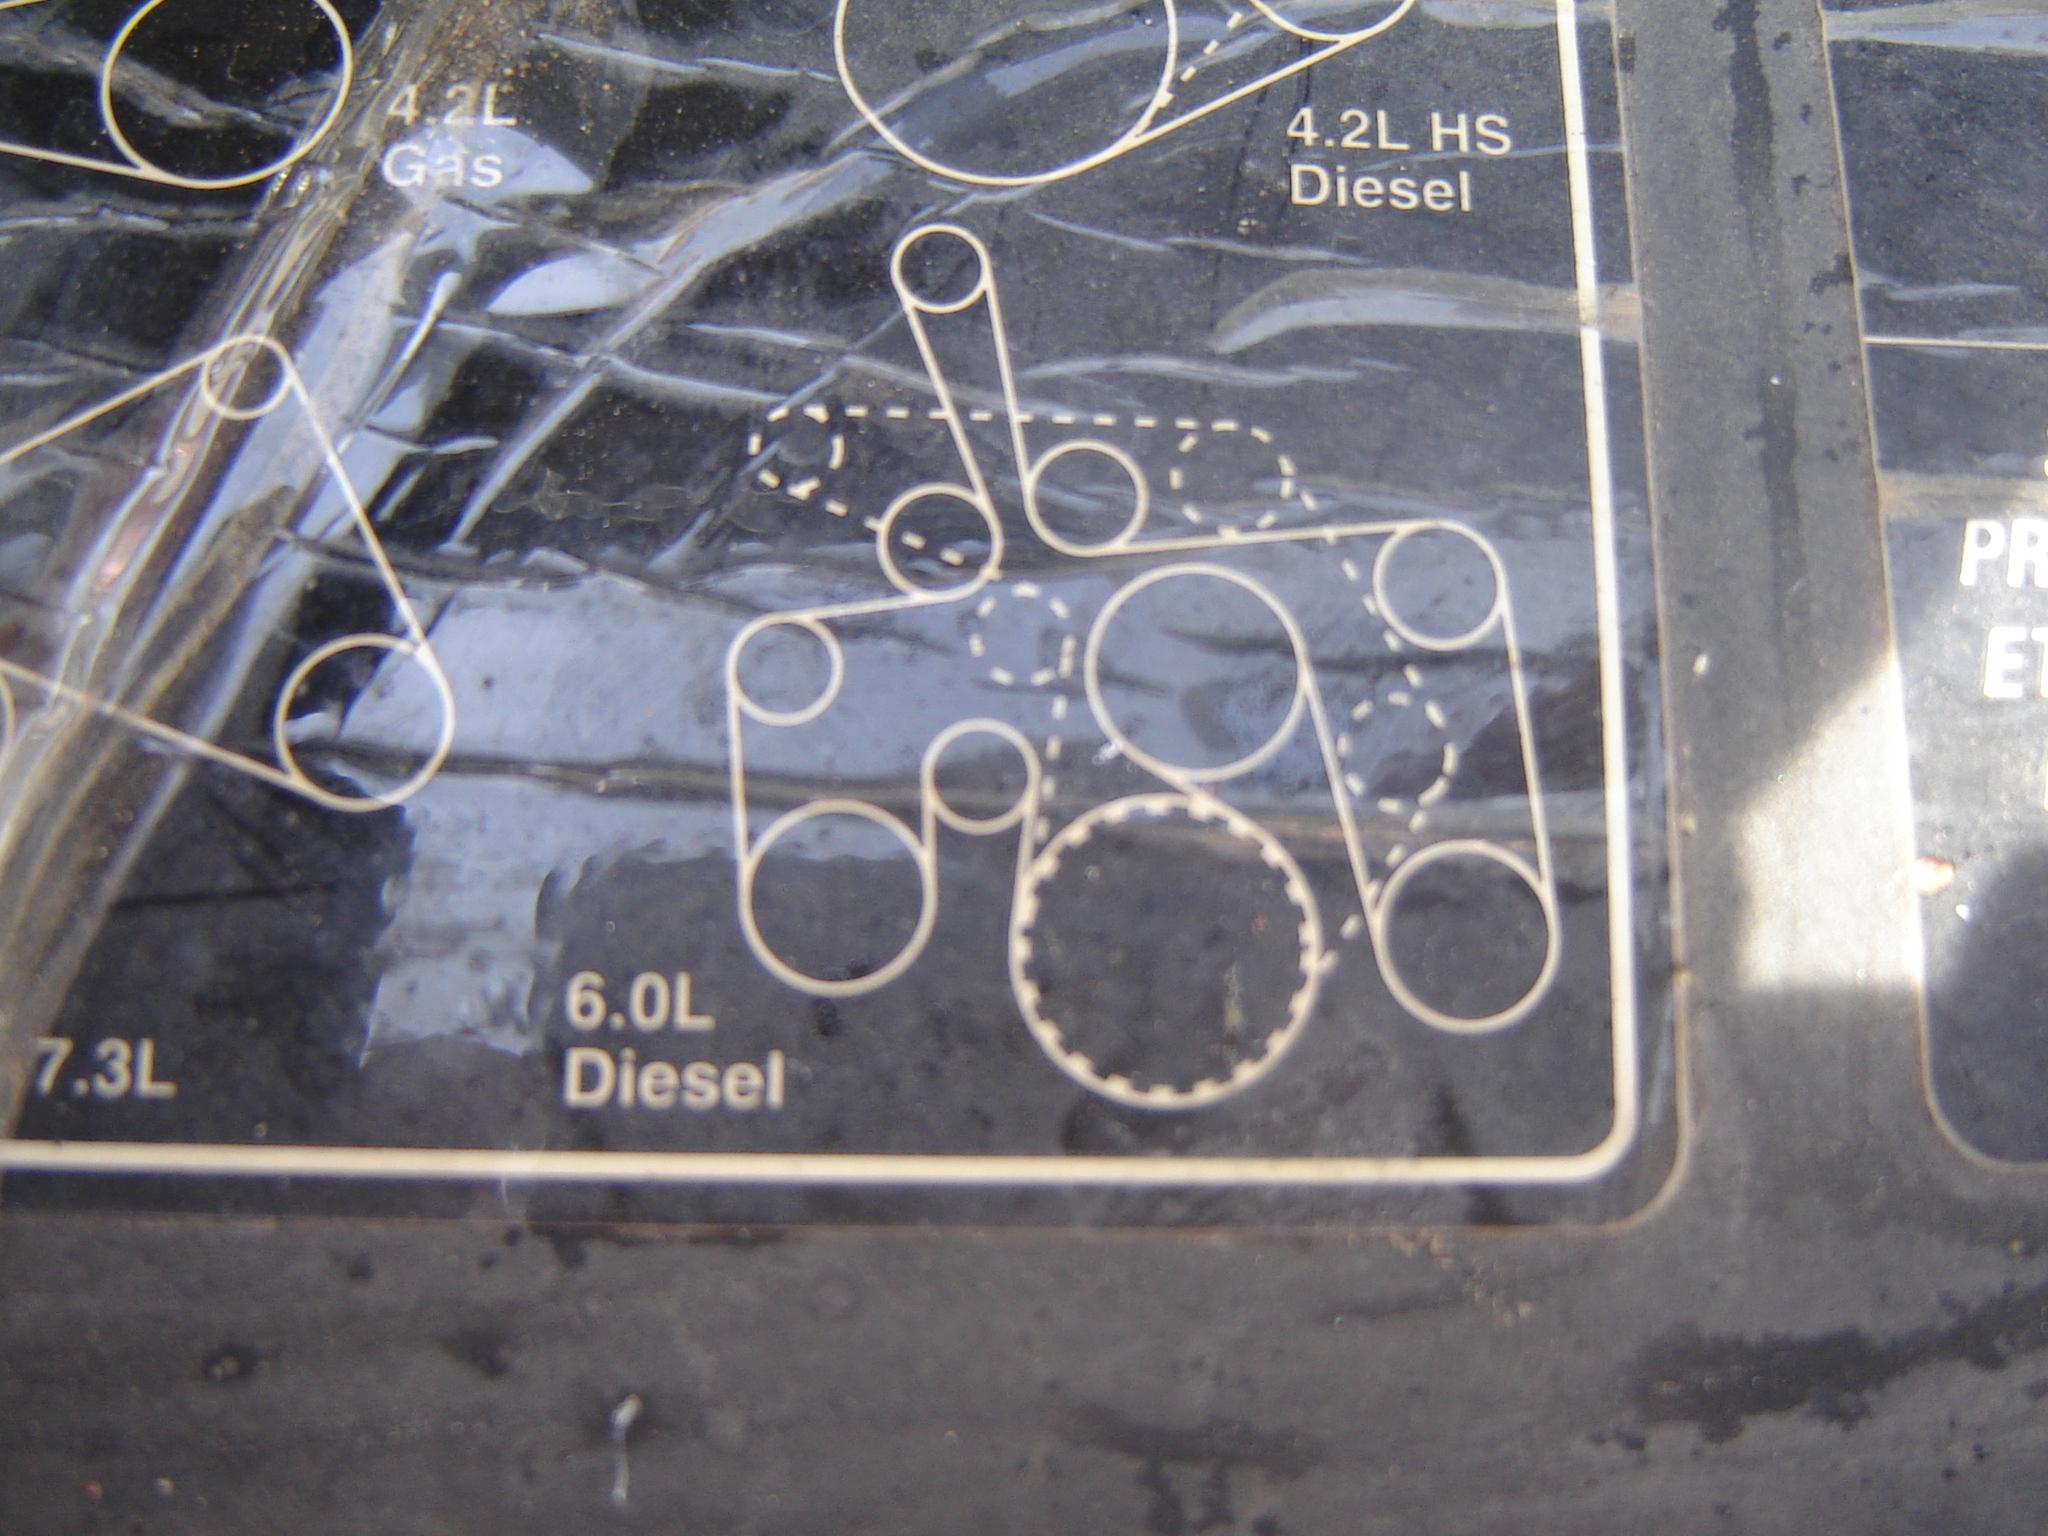 Serpentine Belt Diagram-2007-serpentine-belt-diagram-60-diesel.jpg